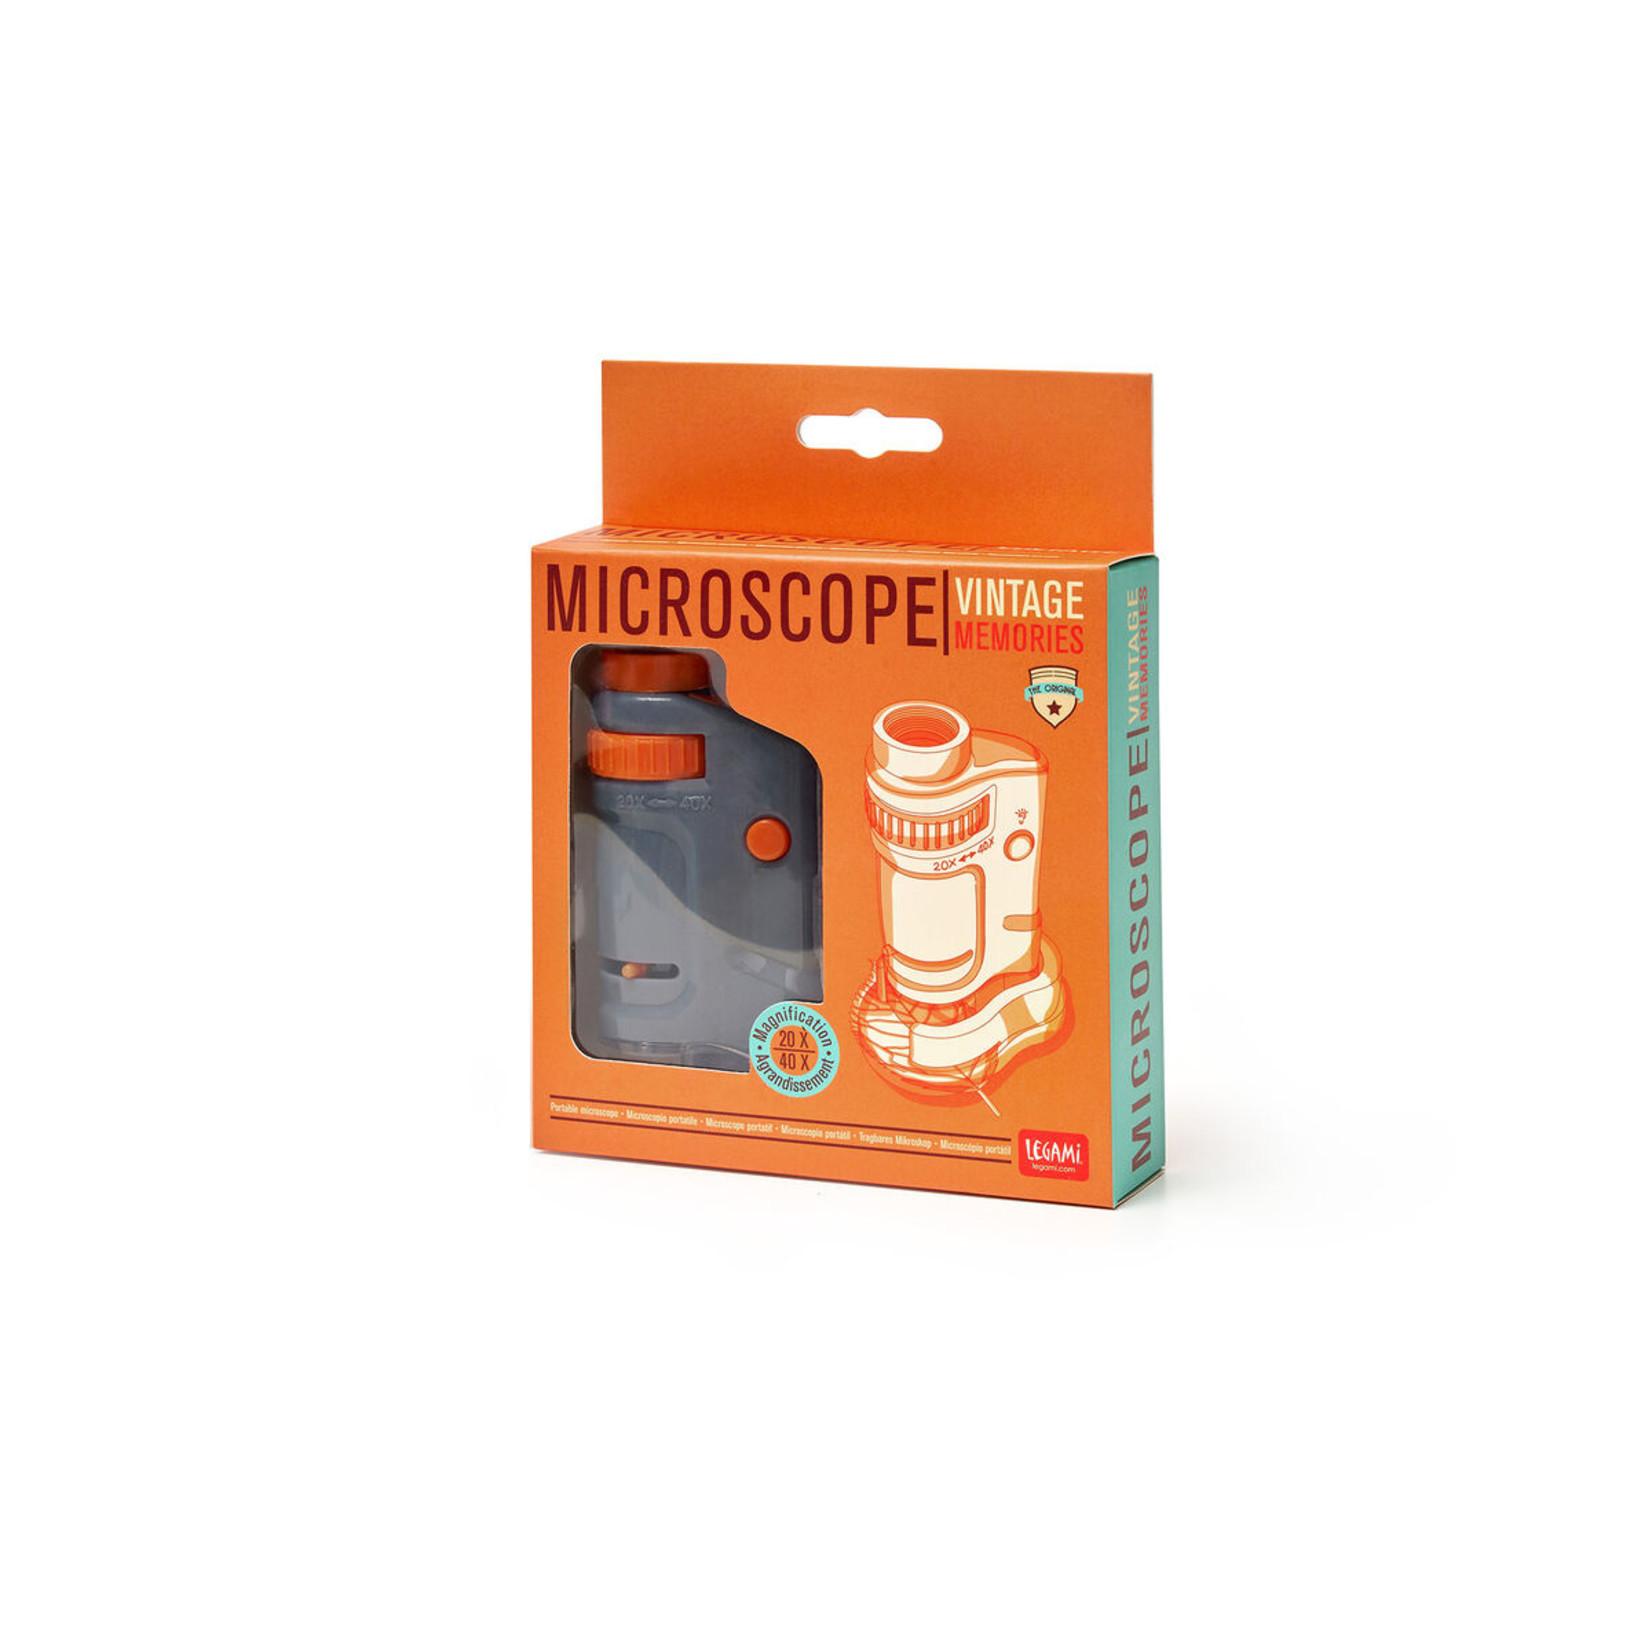 Legami Microscope